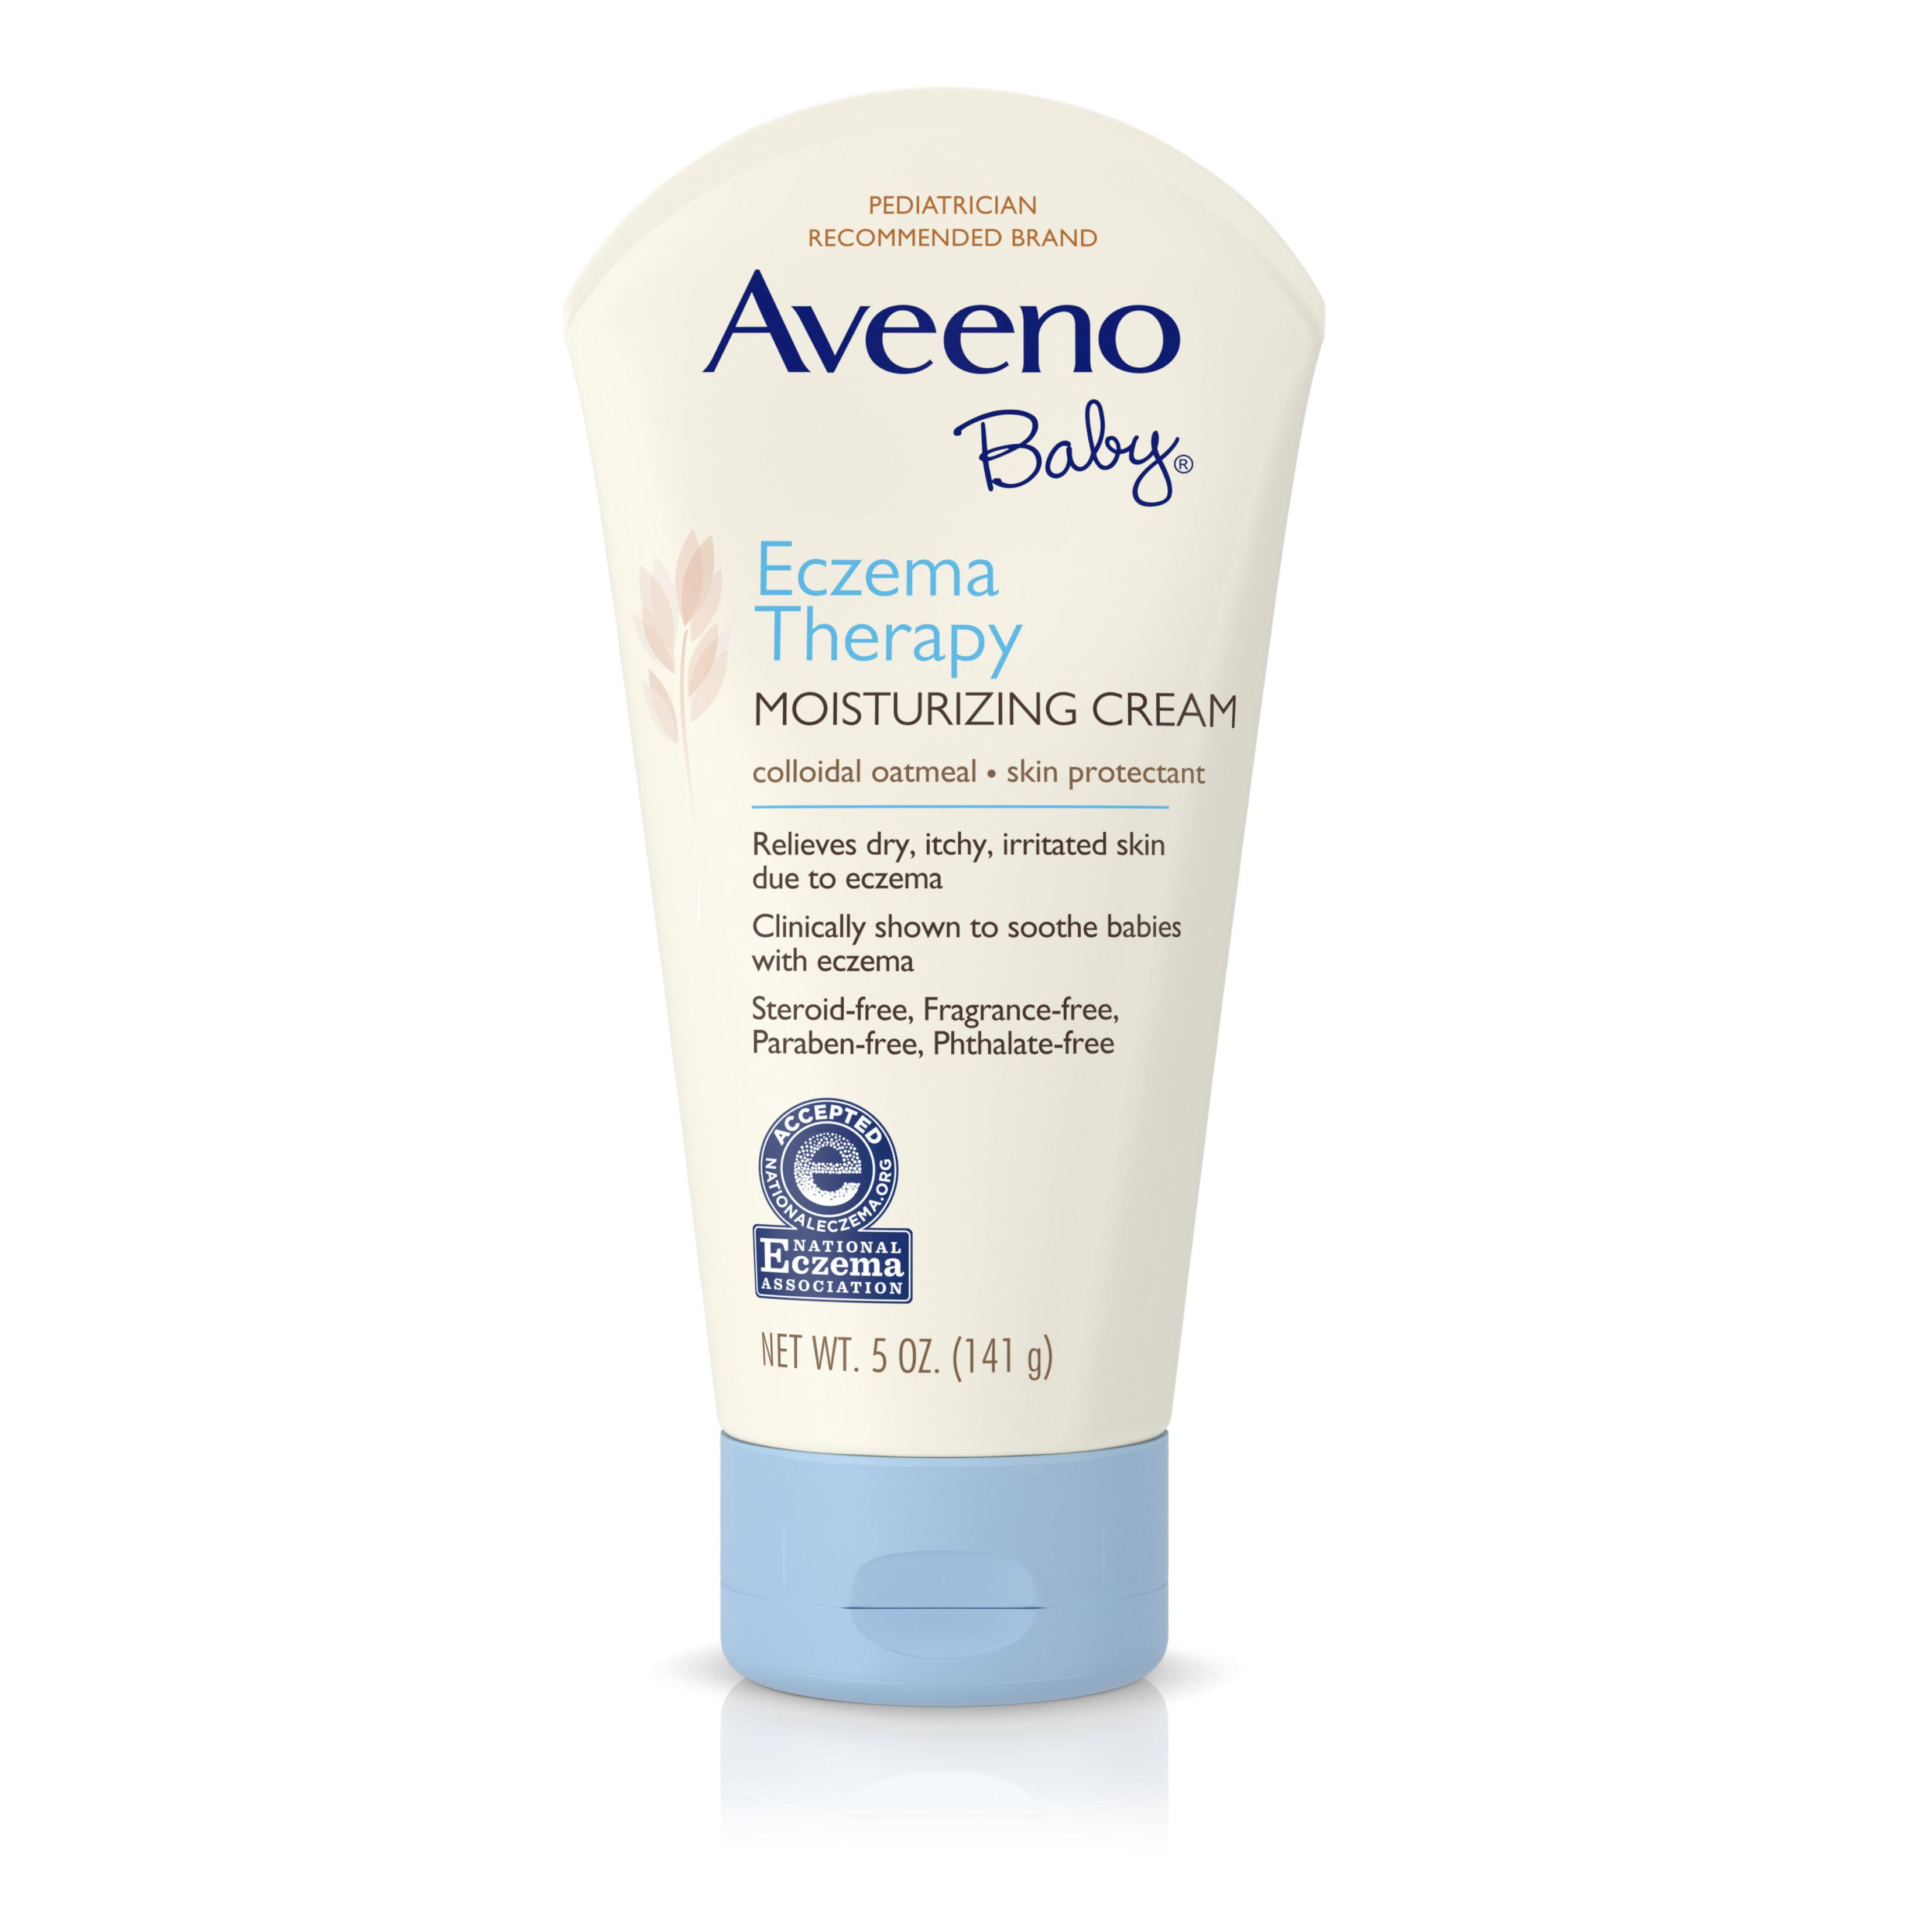 Aveeno Baby Eczema Therapy Moisturizing Cream For Dry Skin, 5 Oz. - Walmart.com